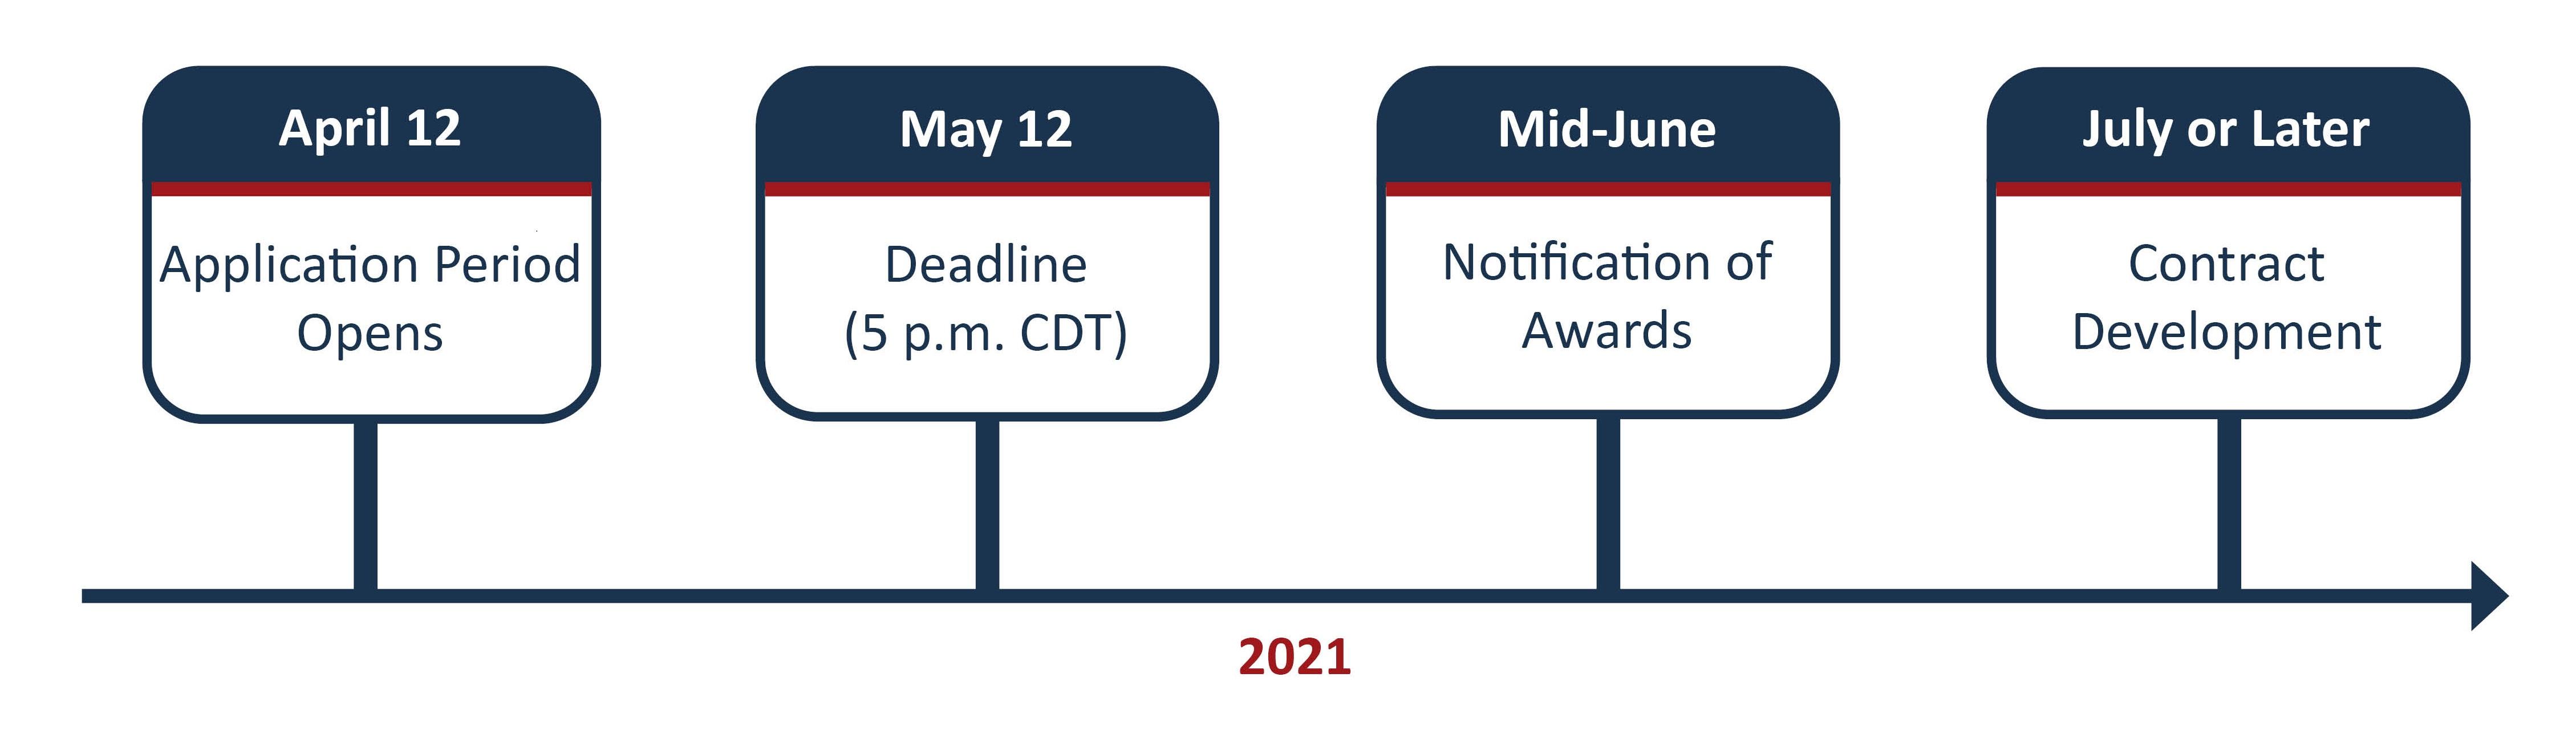 Grant timeline: see dates below